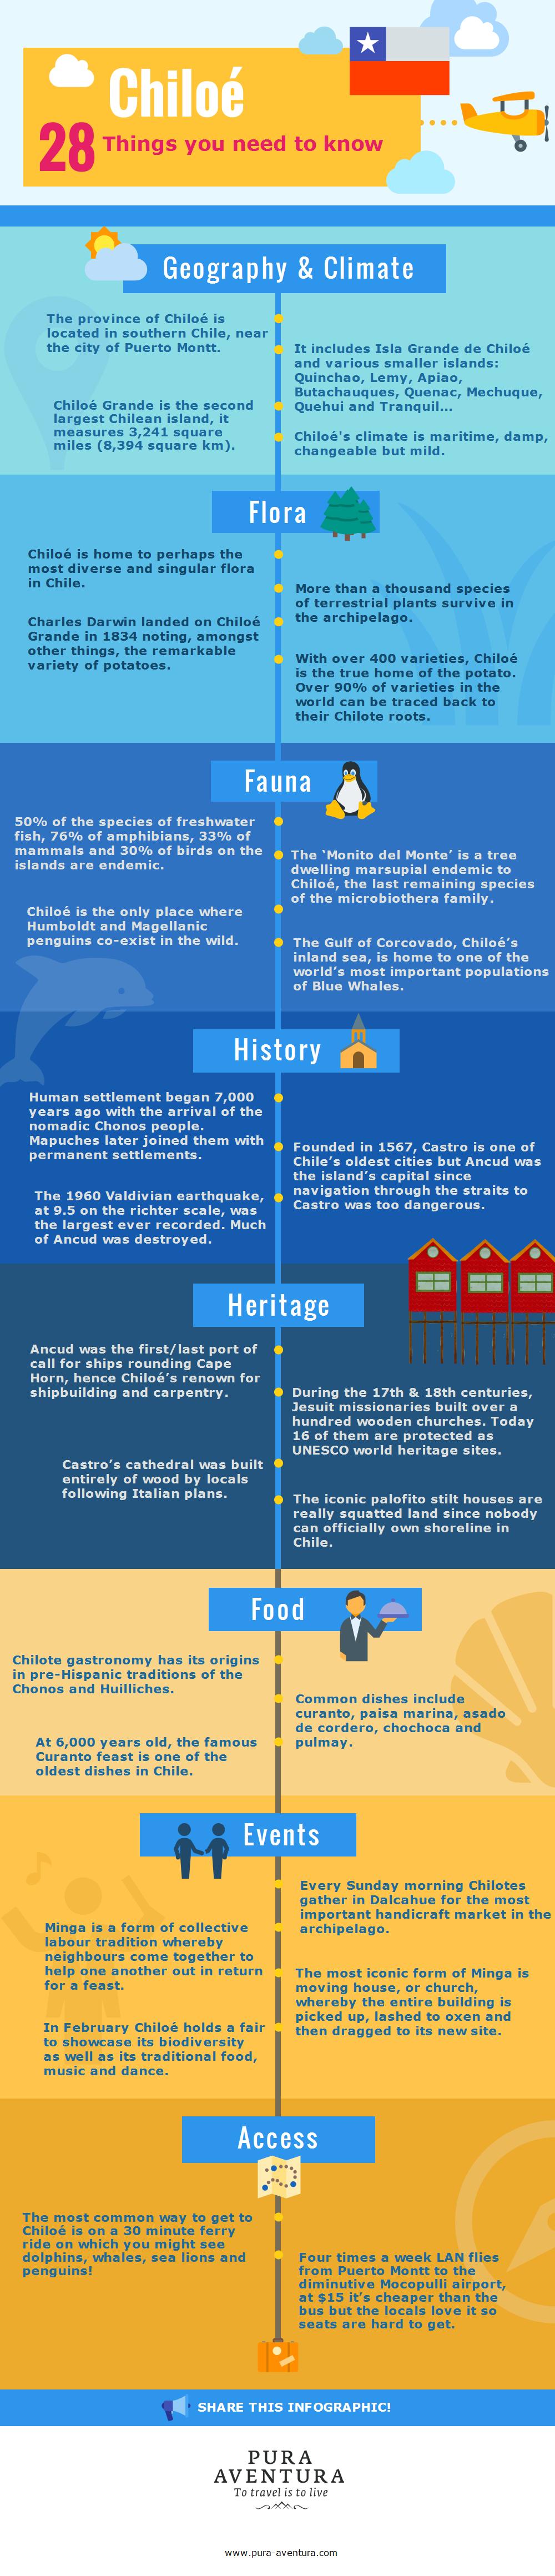 Chiloe infographic